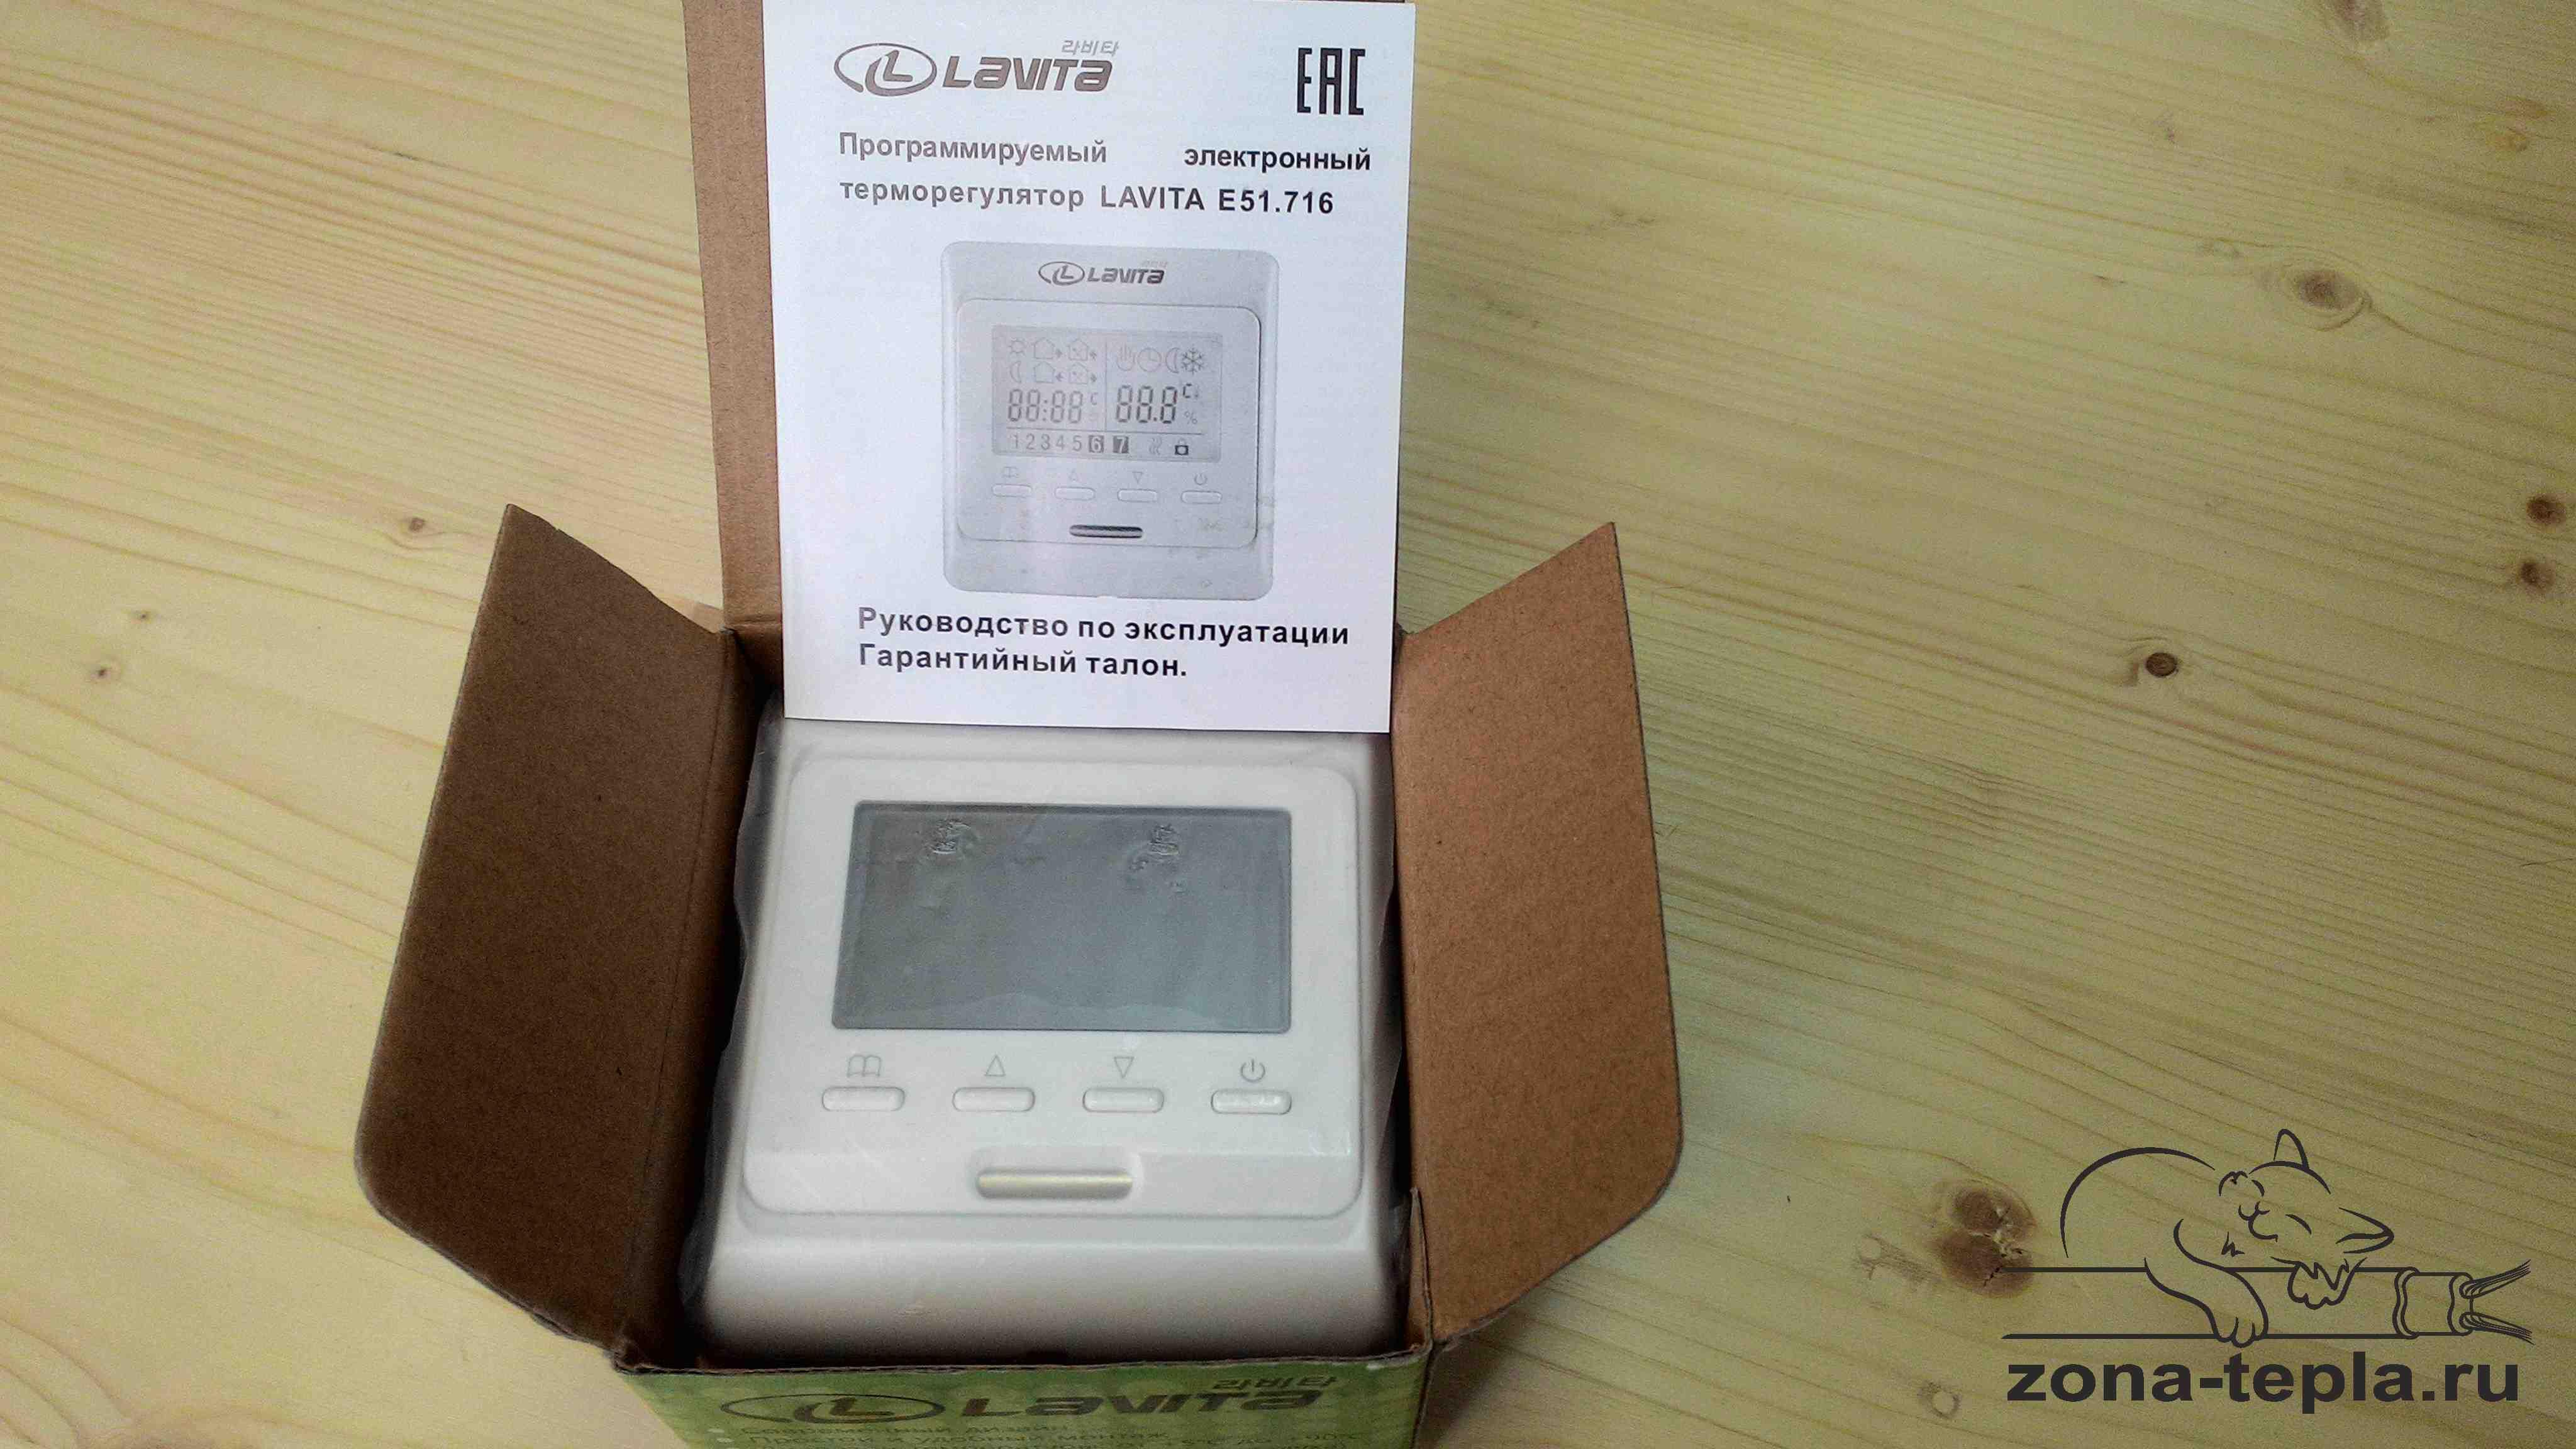 Терморегулятор программируемый для теплого пола Lavita E51.716